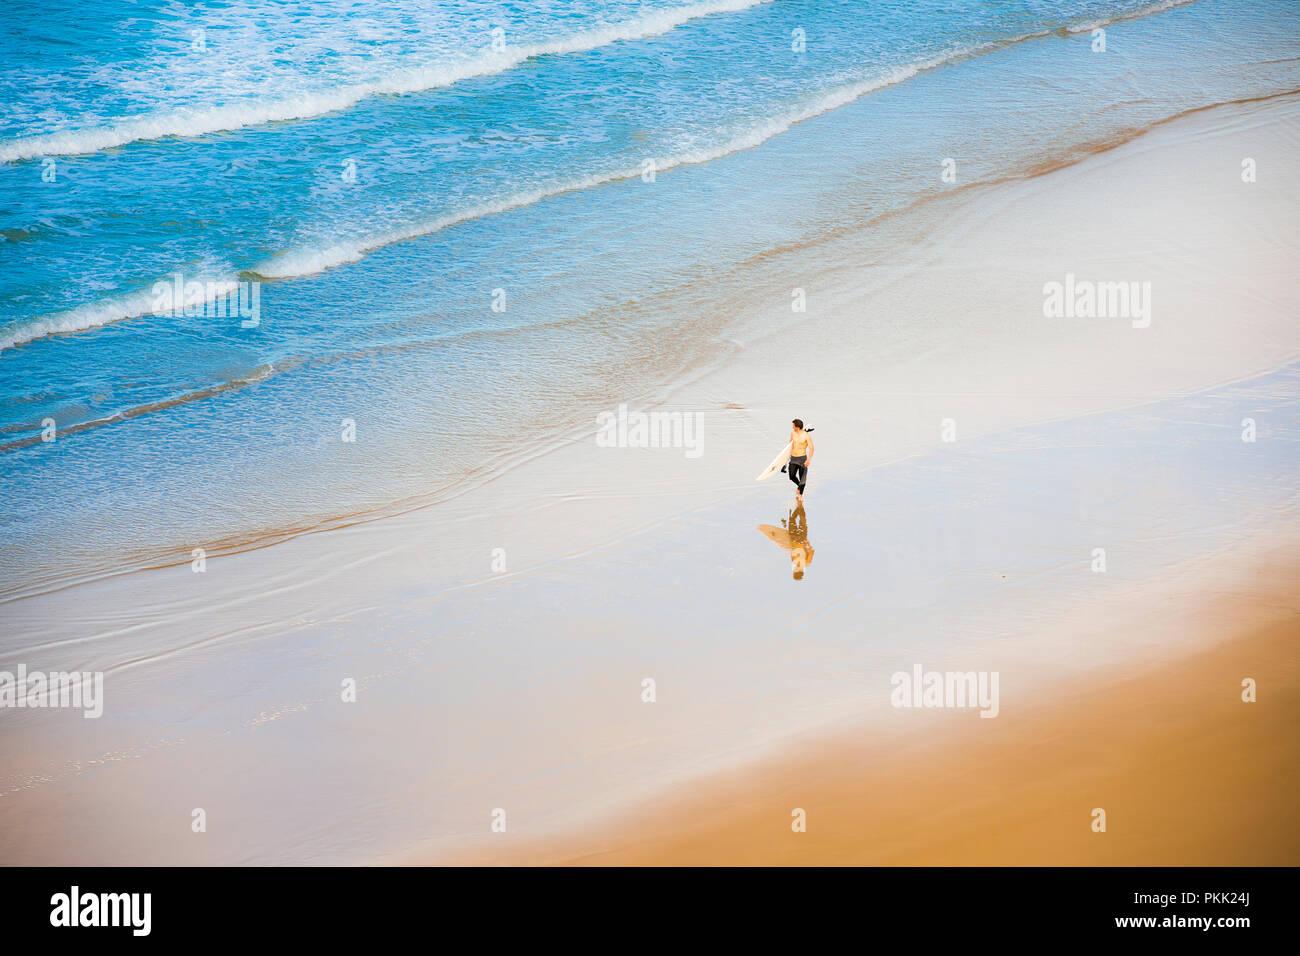 Surfer gehen entlang Sandstrand, von oben Stockbild